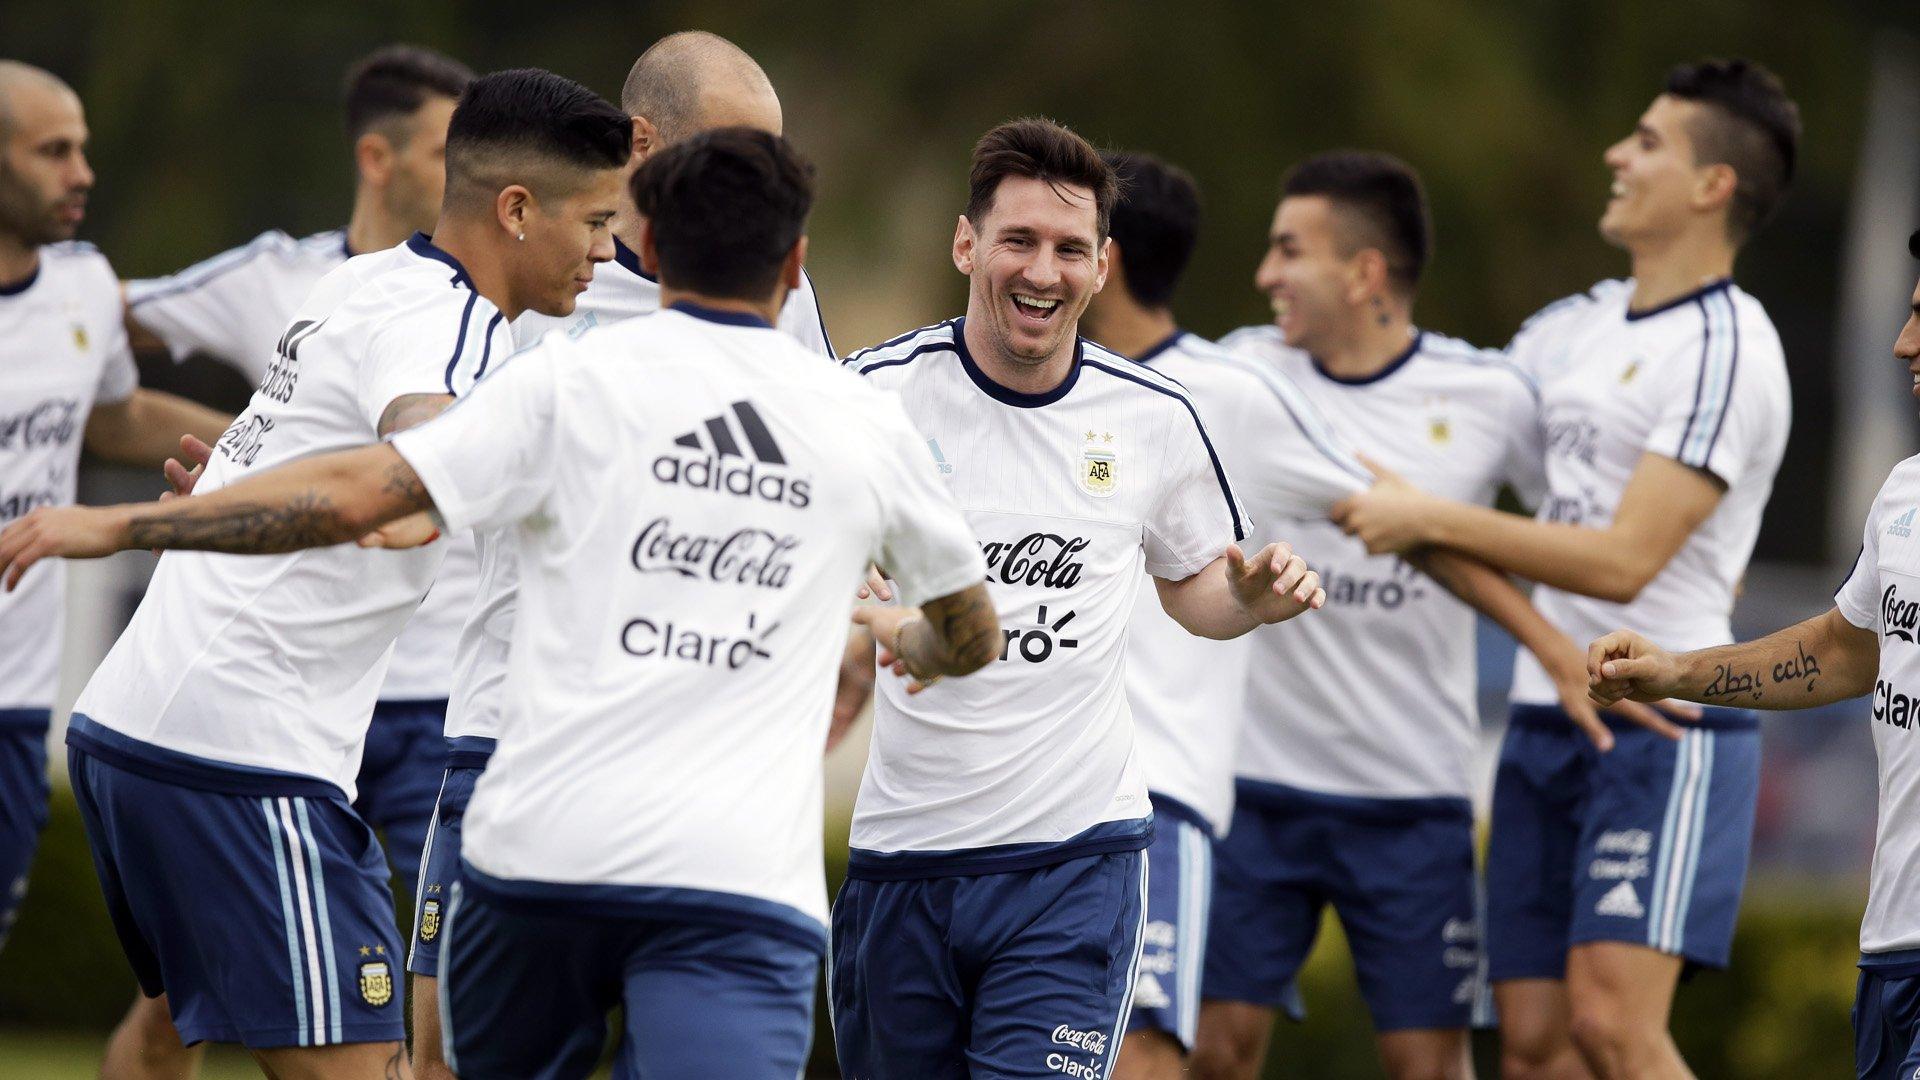 Con un registro de 5 unidades luego de las cuatro jornadas iniciales de las Eliminatorias Sudamericanas, la primera doble Fecha FIFA del año para la Selección será fundamental para acomodar su deseo de participar de la Copa del Mundo Rusia 2018